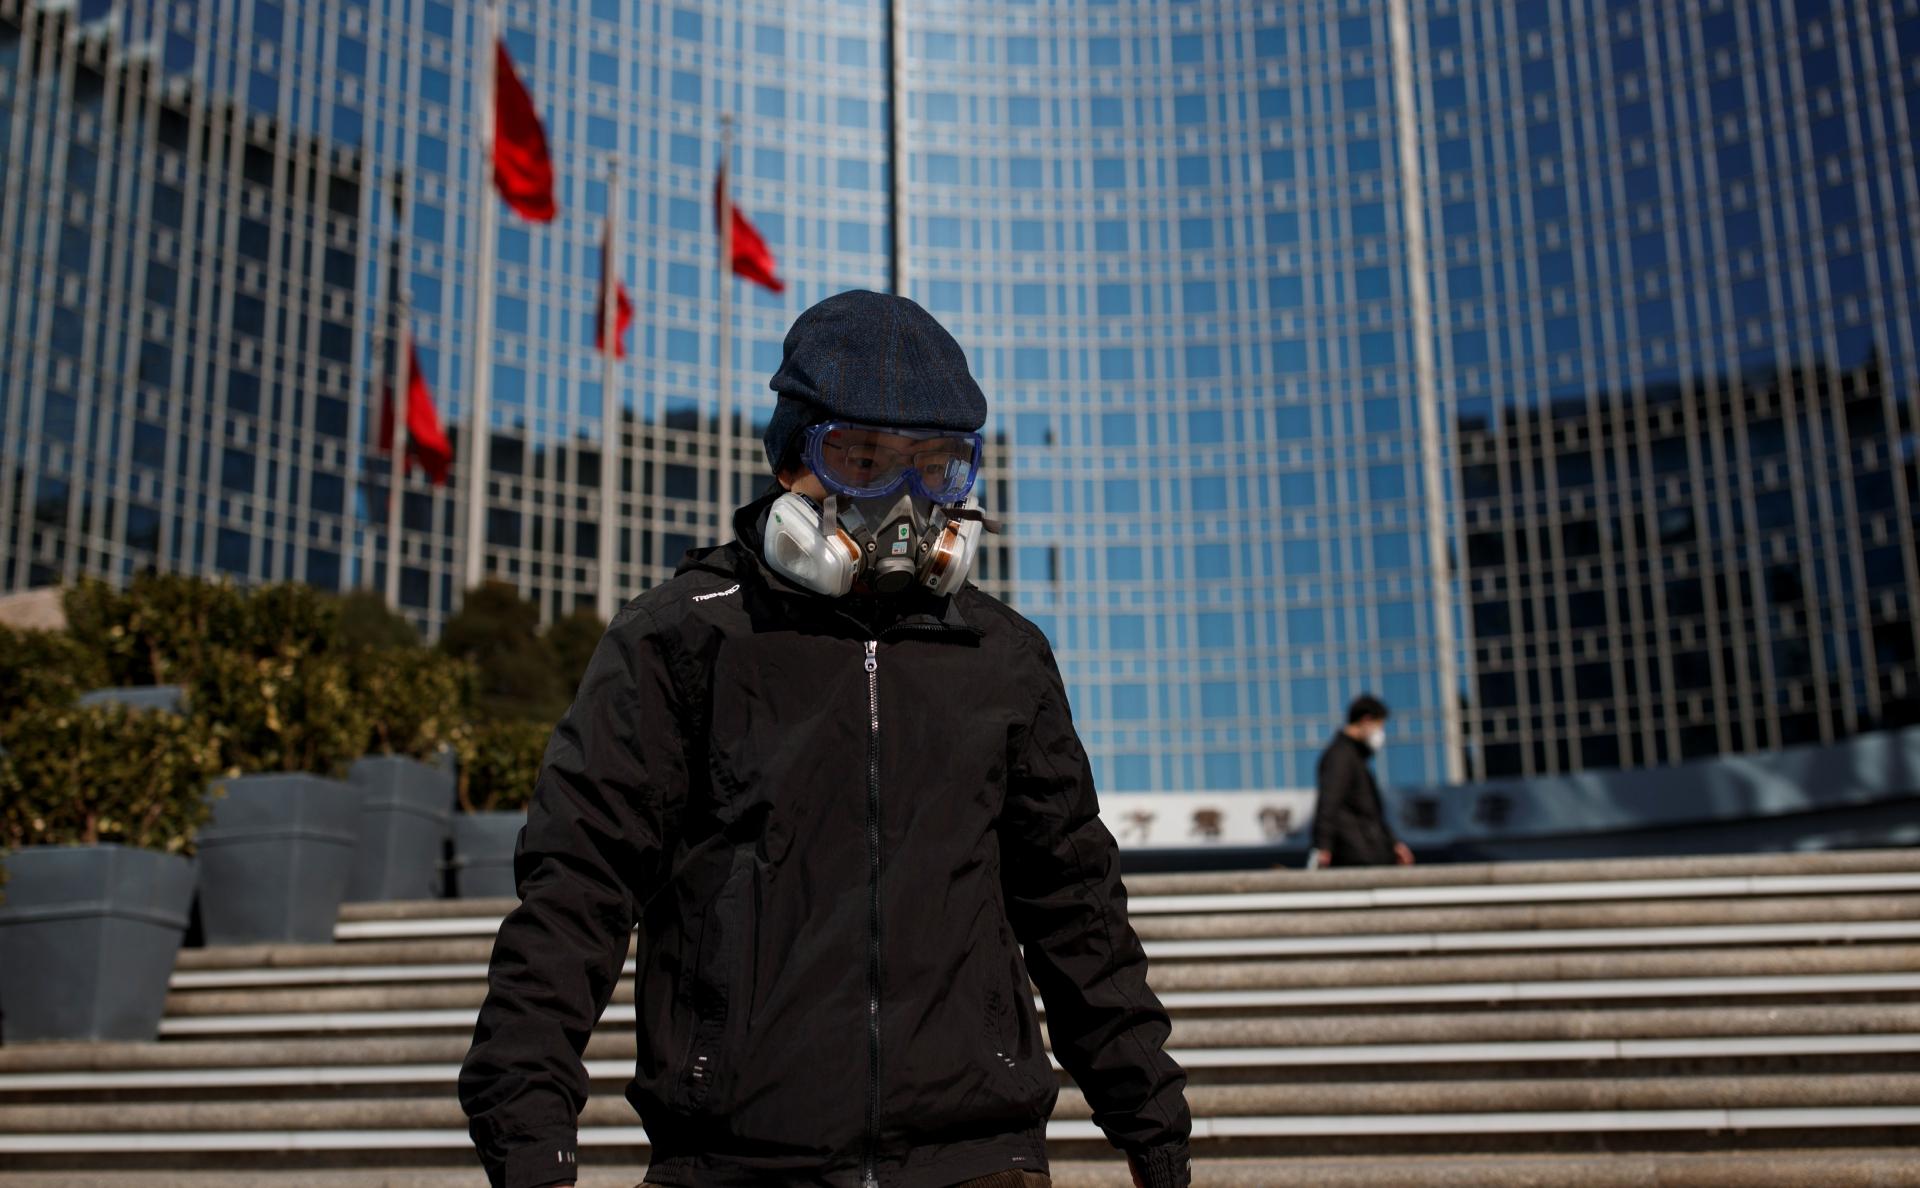 Число вылечившихся от коронавируса в Китае достигло почти 50 тыс. человек